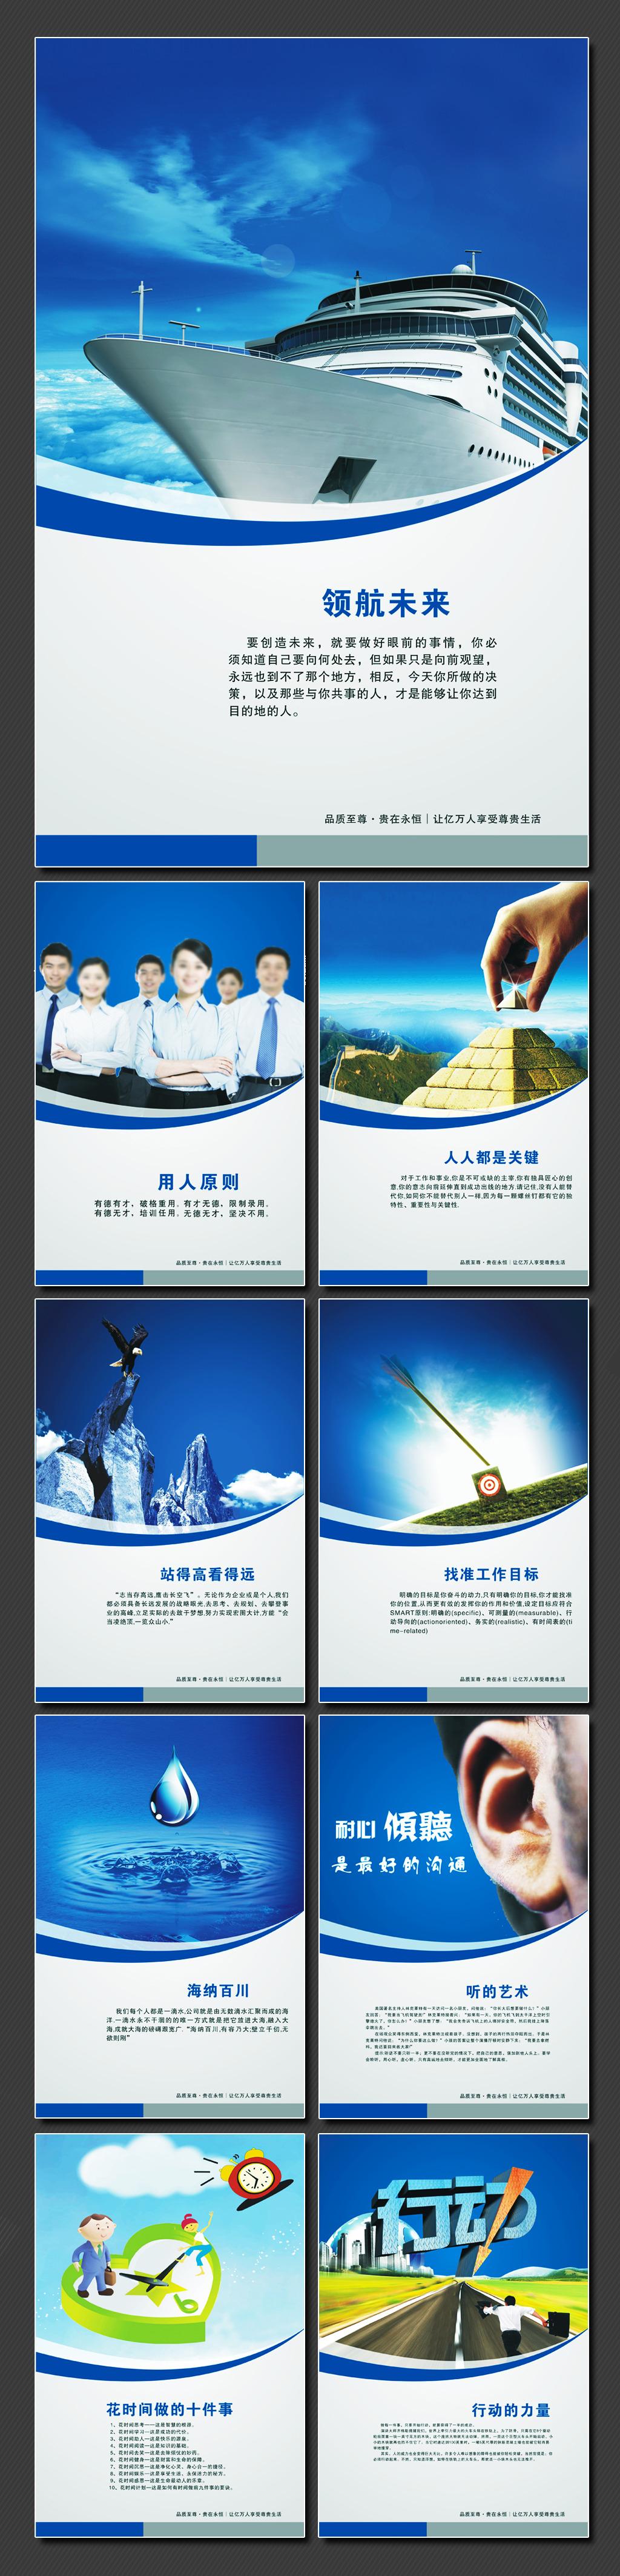 企业文化宣传海报展板模板下载(图片编号:12479853)